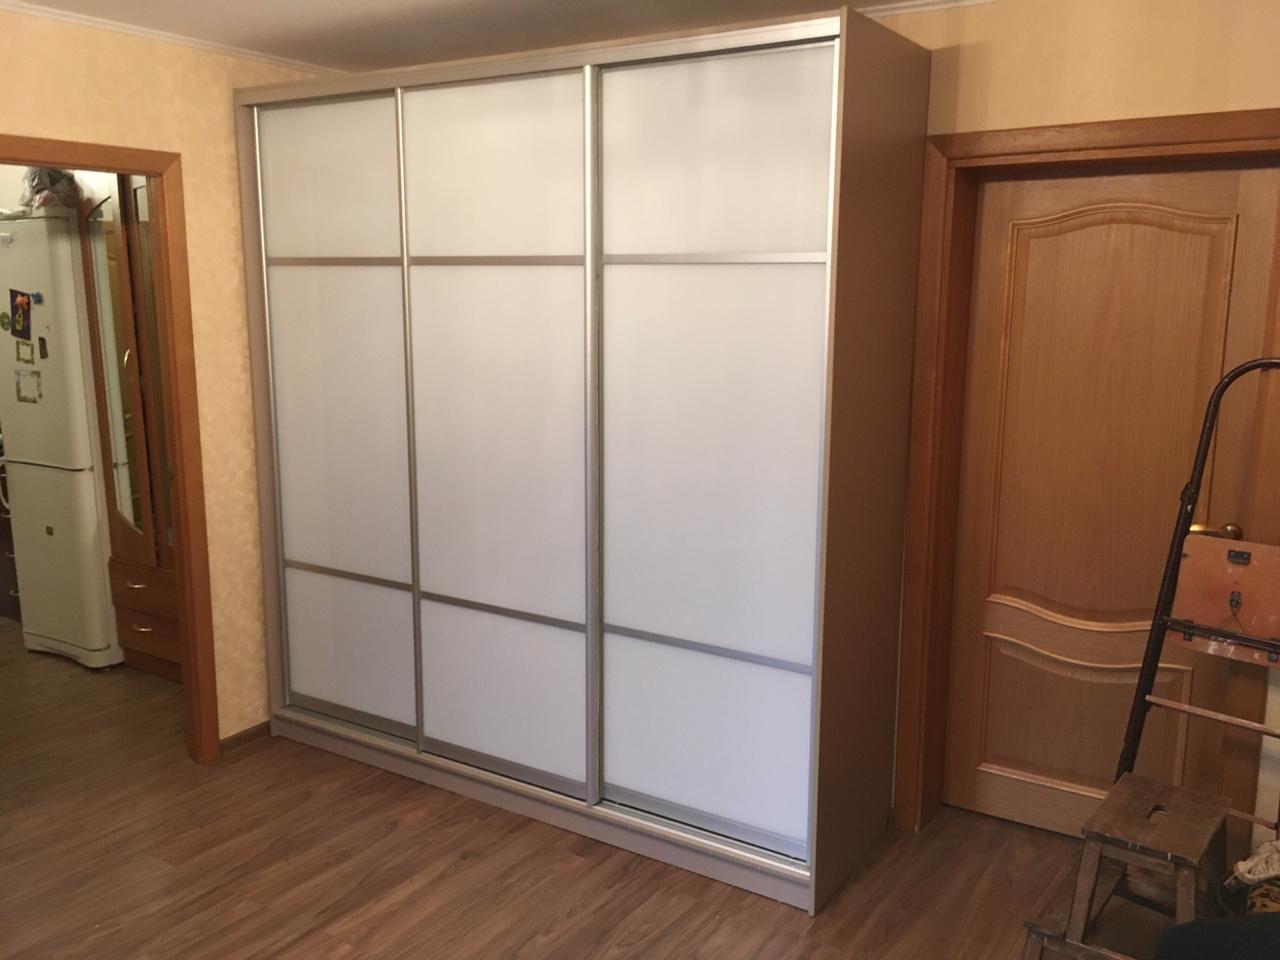 Шкаф-купе 3-х створчатый S с белыми стеклянными дверьми